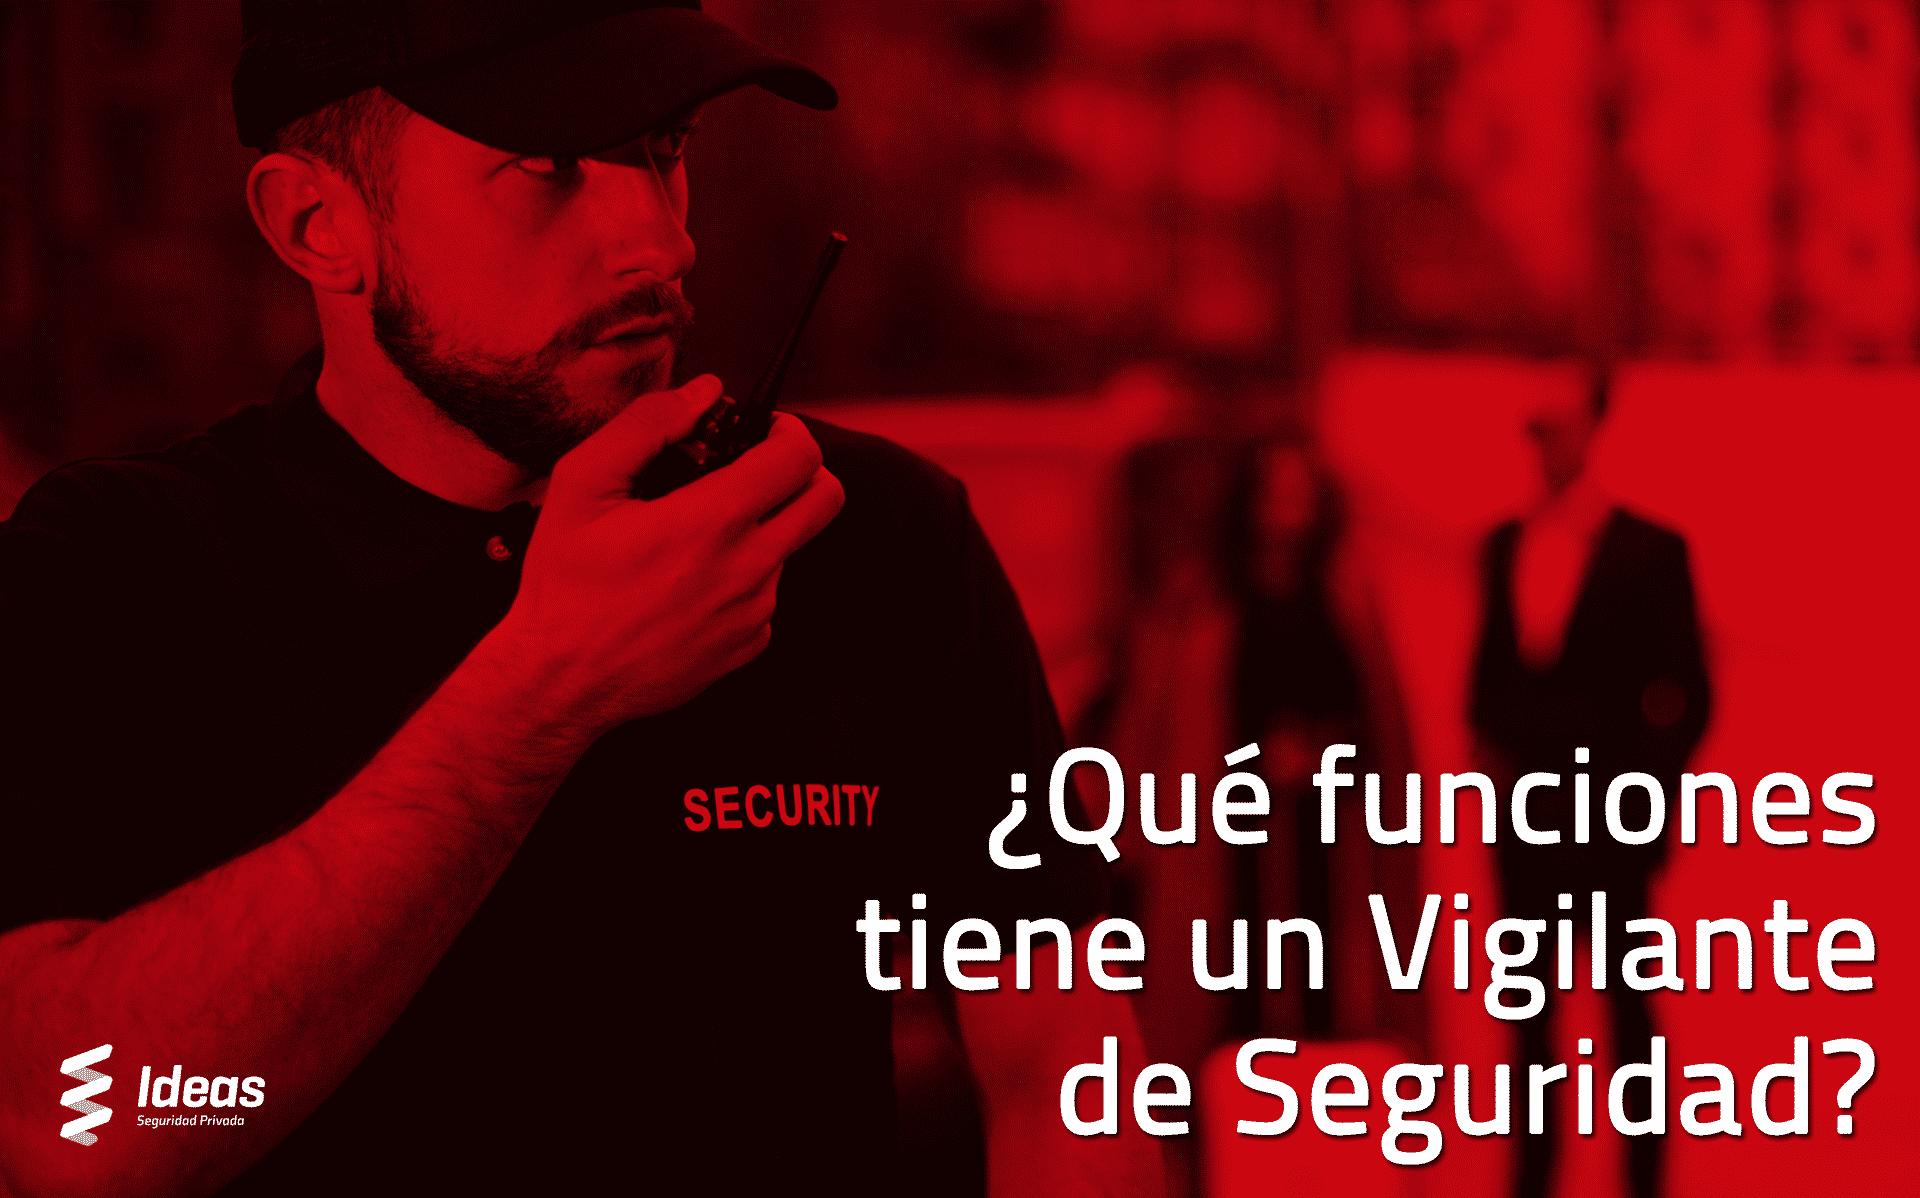 ¿Qué funciones tiene que hacer un Vigilante de Seguridad?